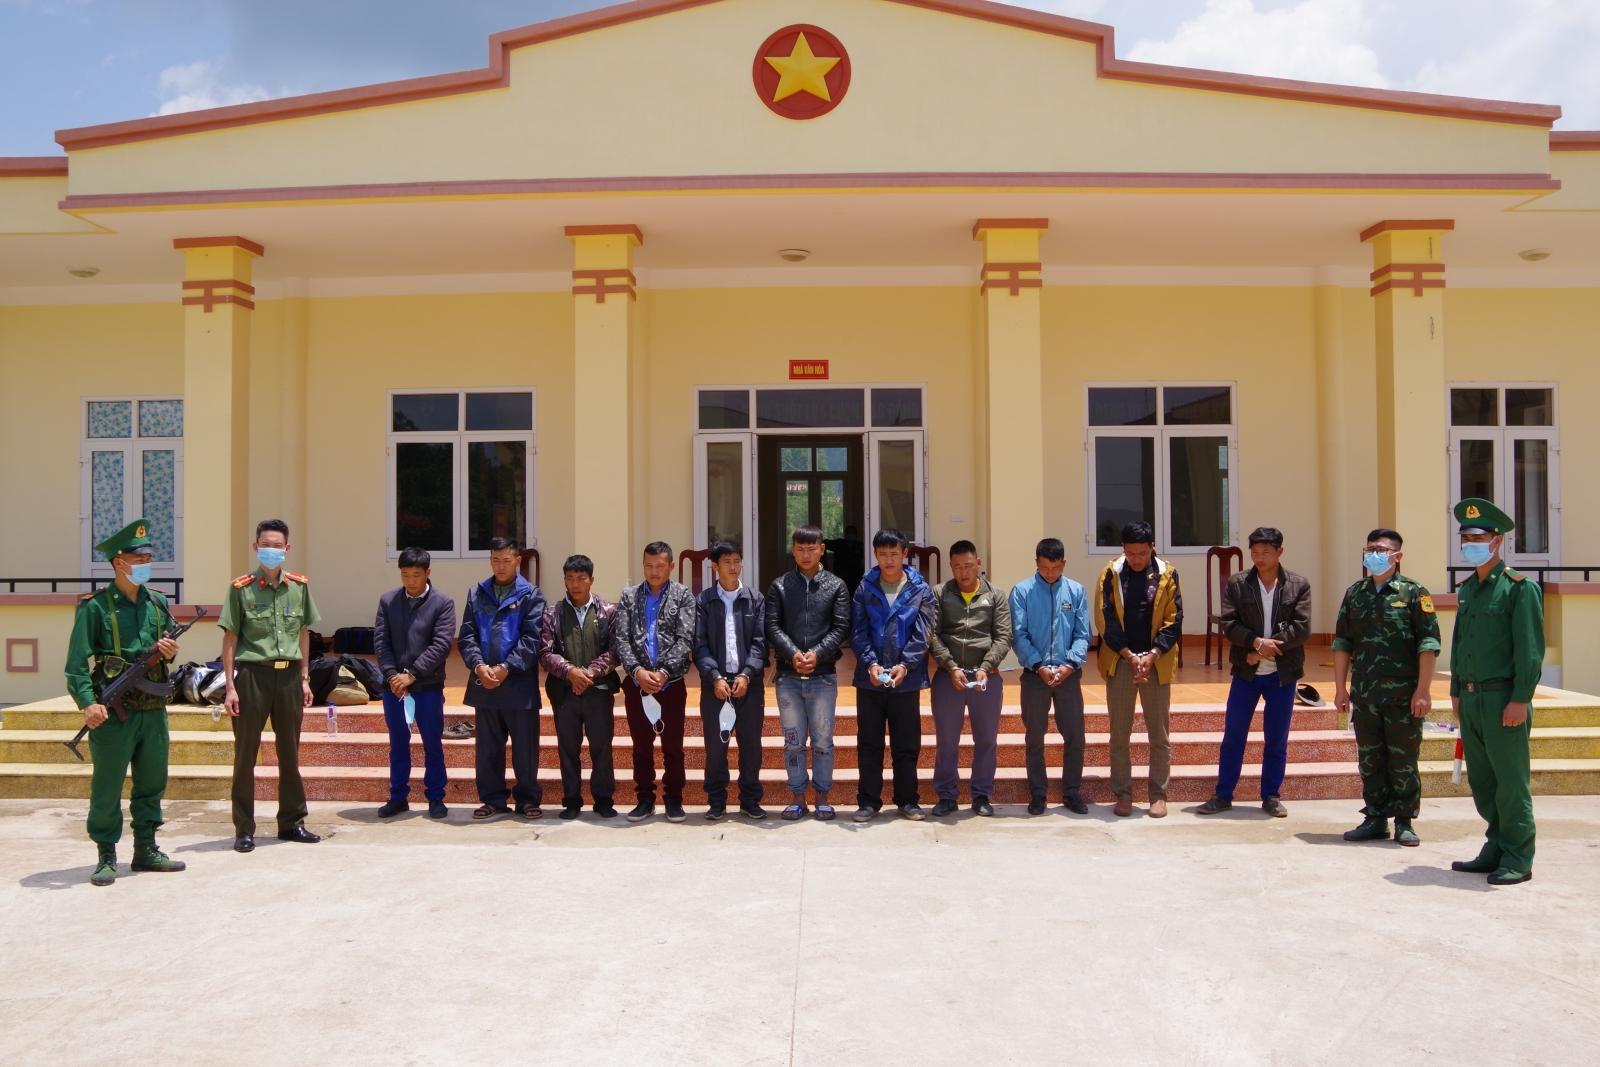 Điện Biên: 25 người bị bắt giữ vì tổ chức xuất cảnh và xuất cảnh trái phép Ảnh 2